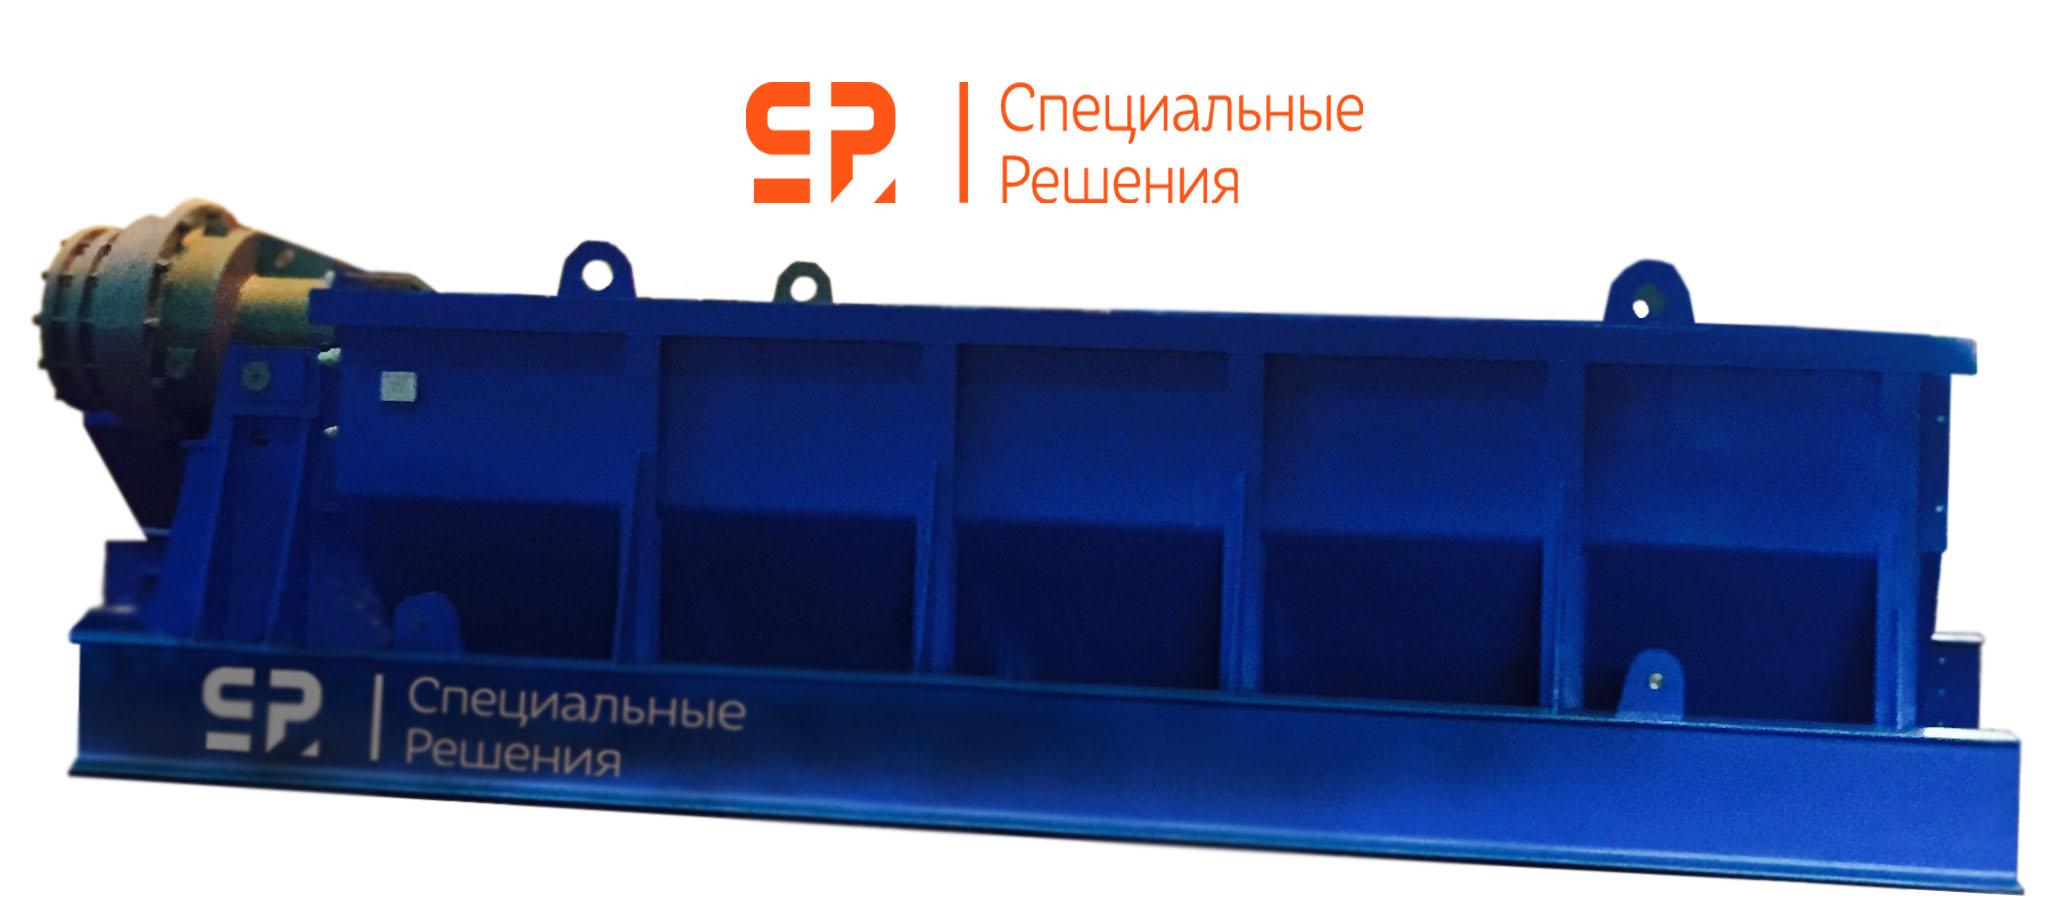 Завод дробильного оборудования в Северск дробилка ксд 600 в Камышин